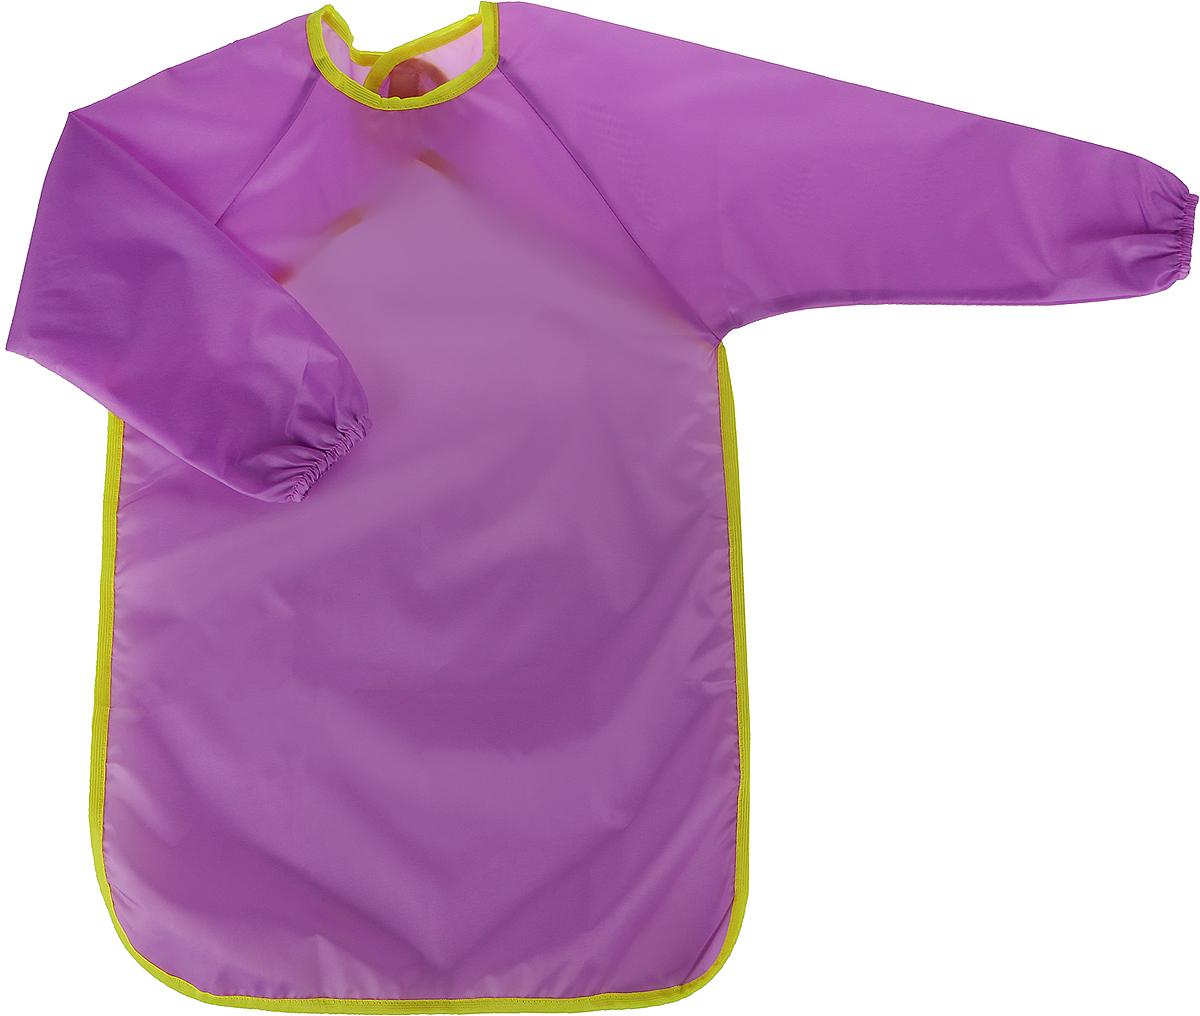 Спортбэби Фартук для детского творчества цвет сиреневый возраст 6-7 лет -  Аксессуары для труда